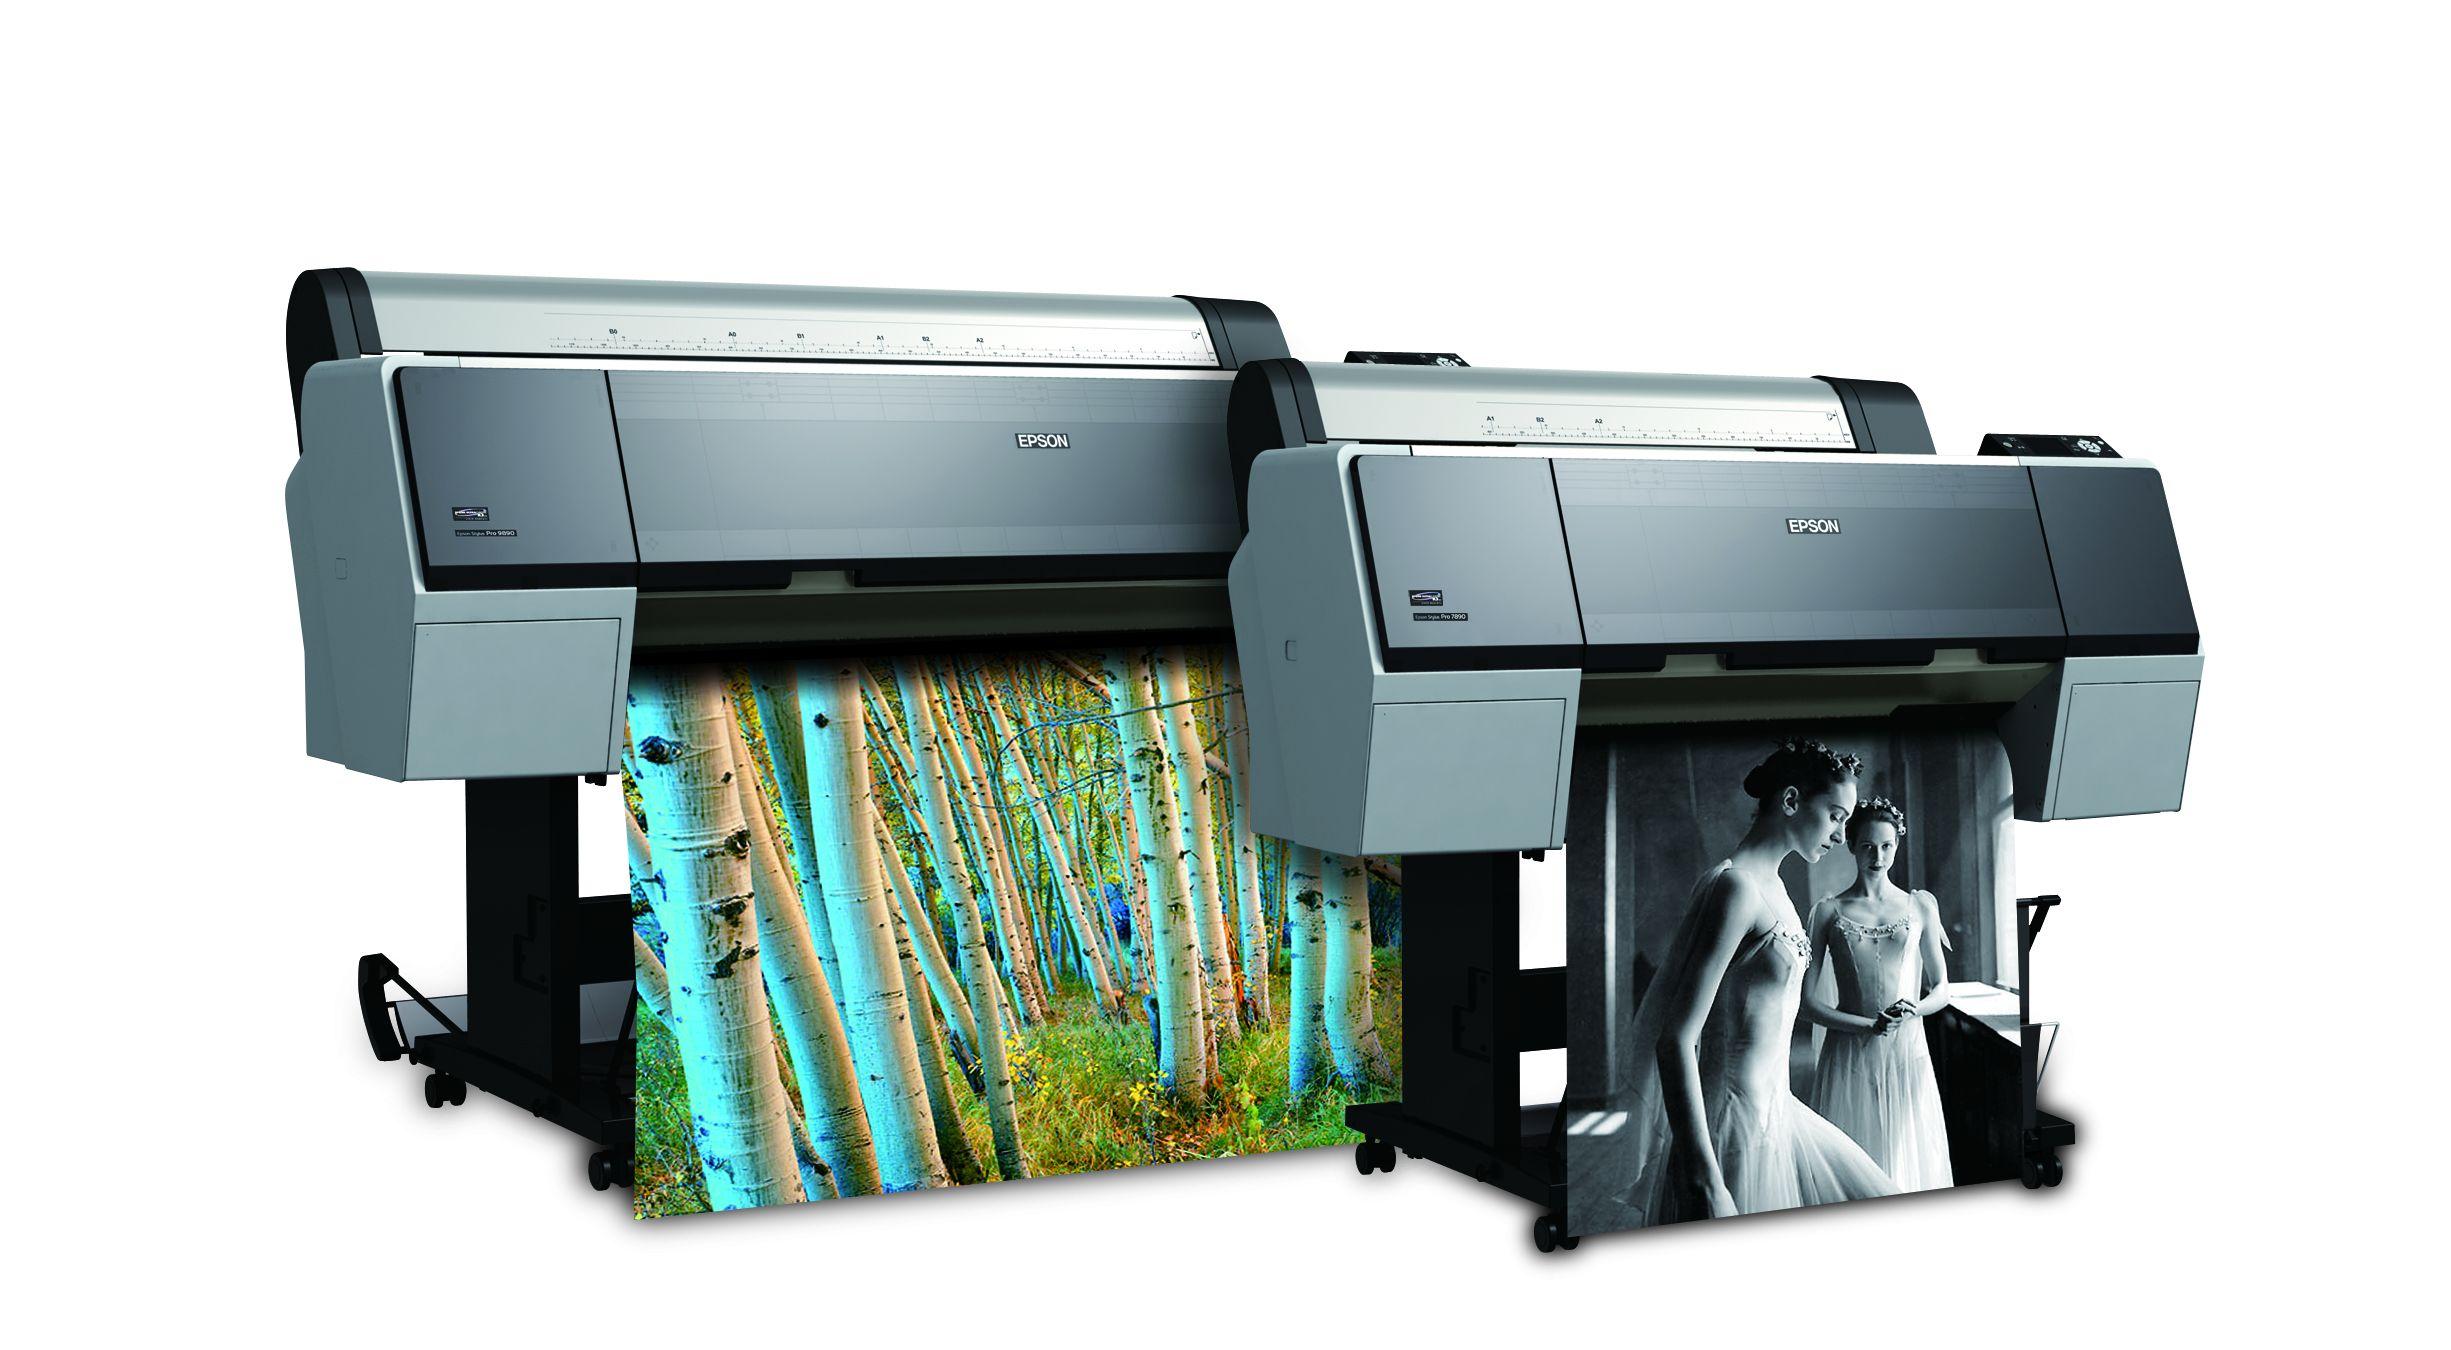 Epson 890 Ink, Epson Stylus Photo 890 Ink Cartridges Epson stylus photo 890 ink cartridges